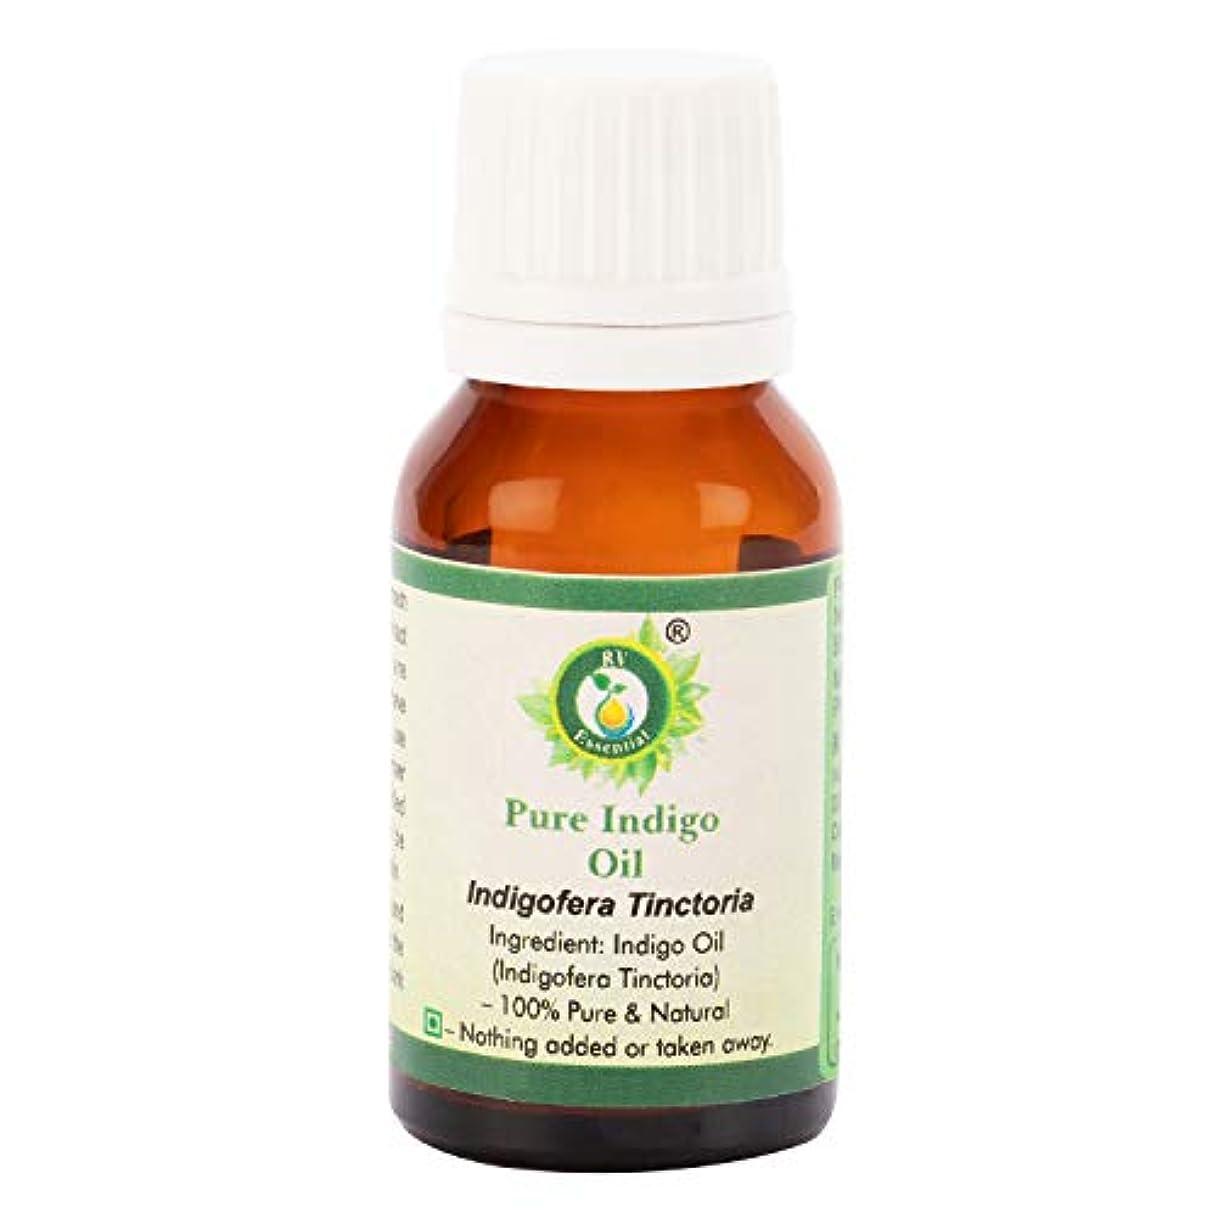 キャメルベットセブンピュアインディゴオイル630ml (21oz)- Indigofera Tinctoria (100%純粋でナチュラル) Pure Indigo Oil